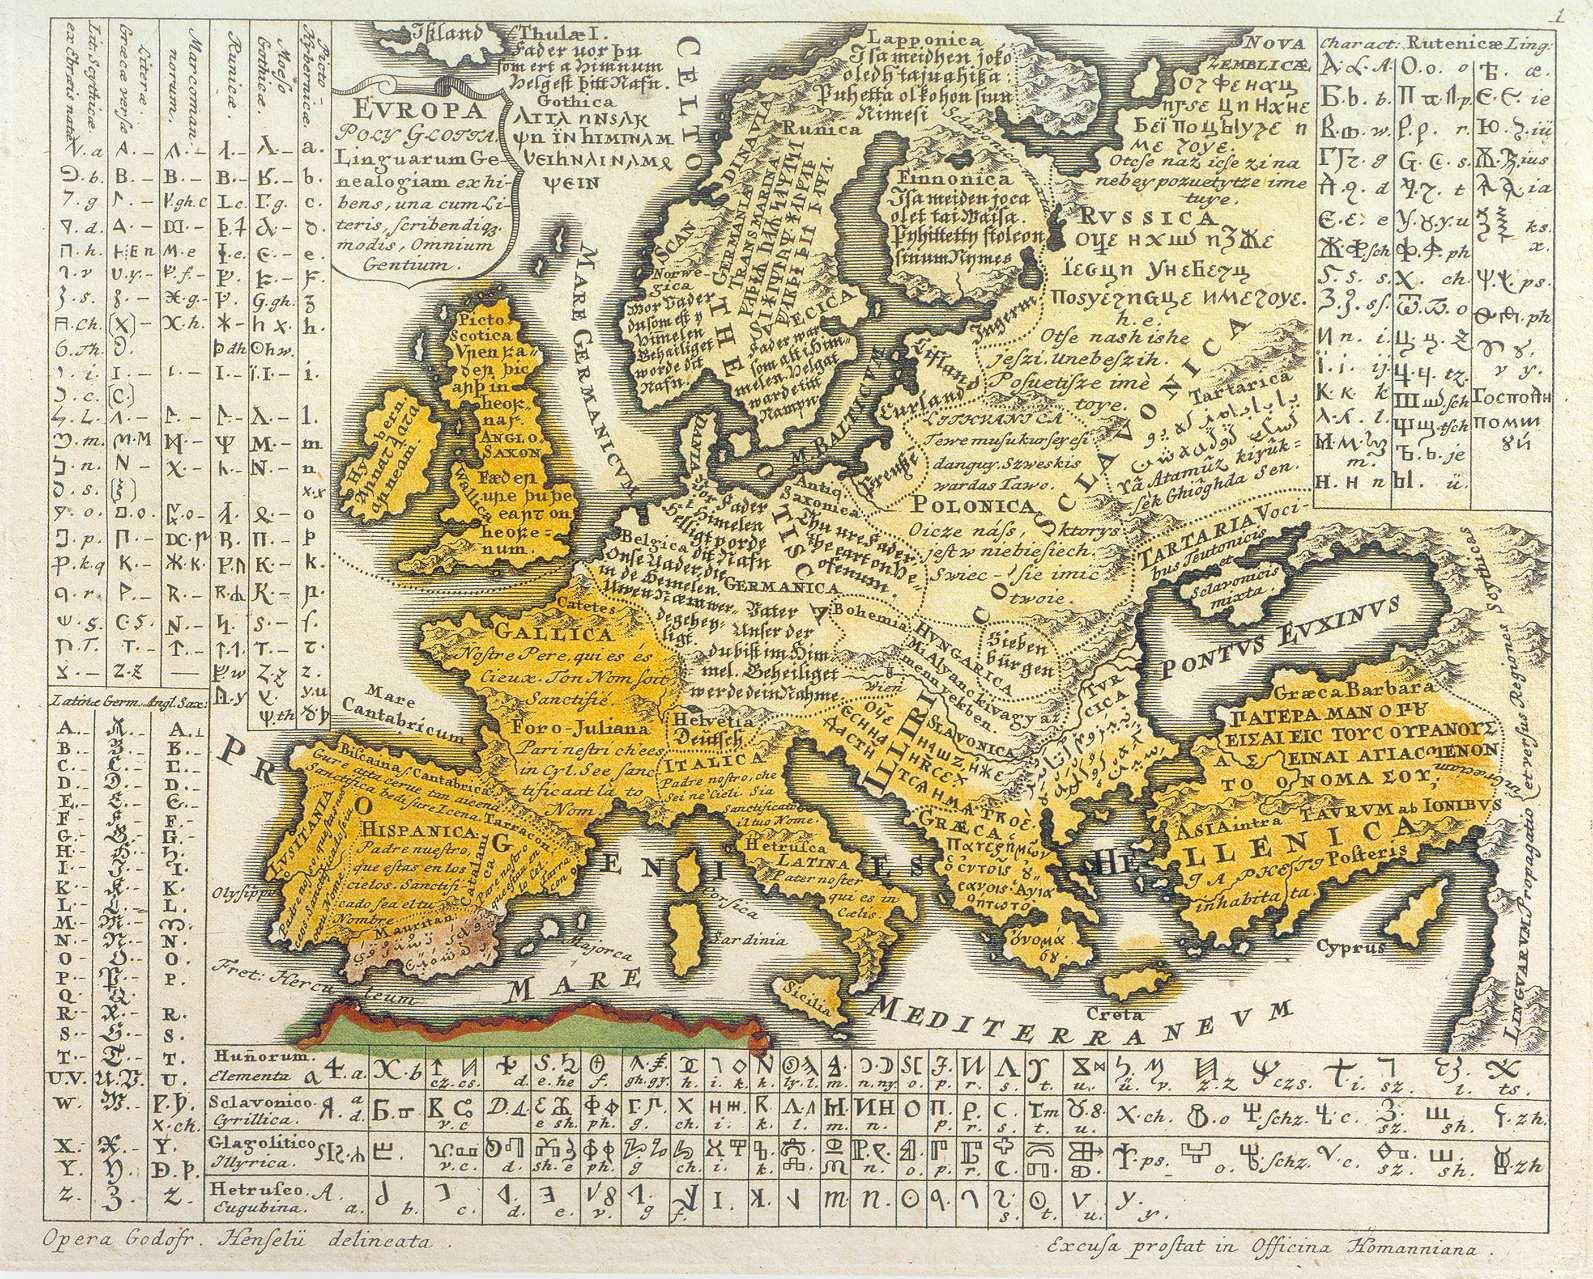 mapa_lenguas-europa_XVIII